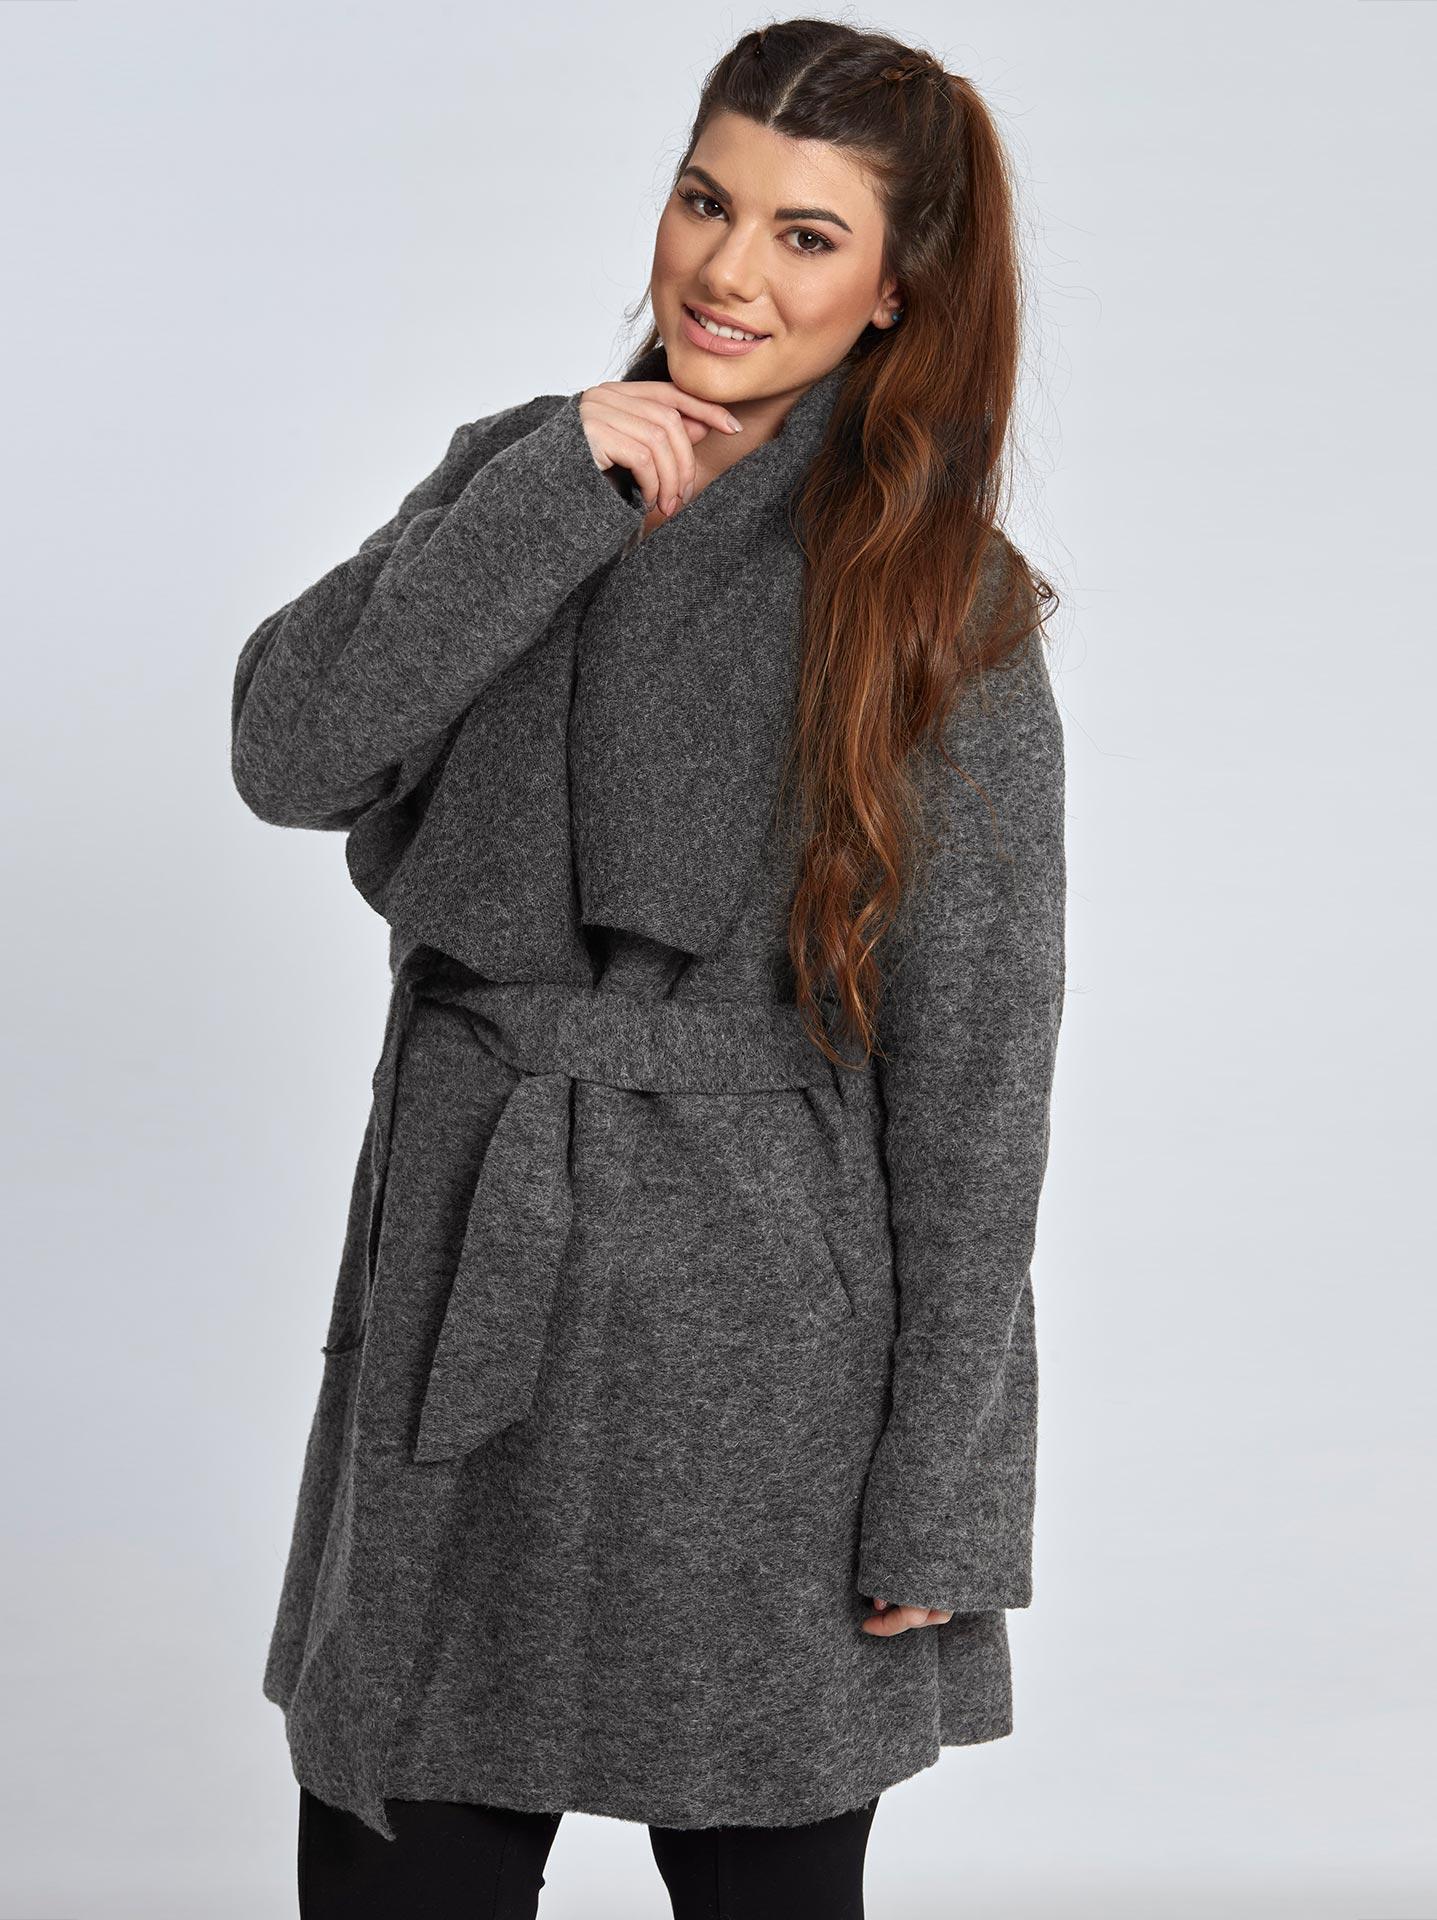 Μπουκλέ παλτό με ζώνη curvy σε γκρι 41ff86634cf